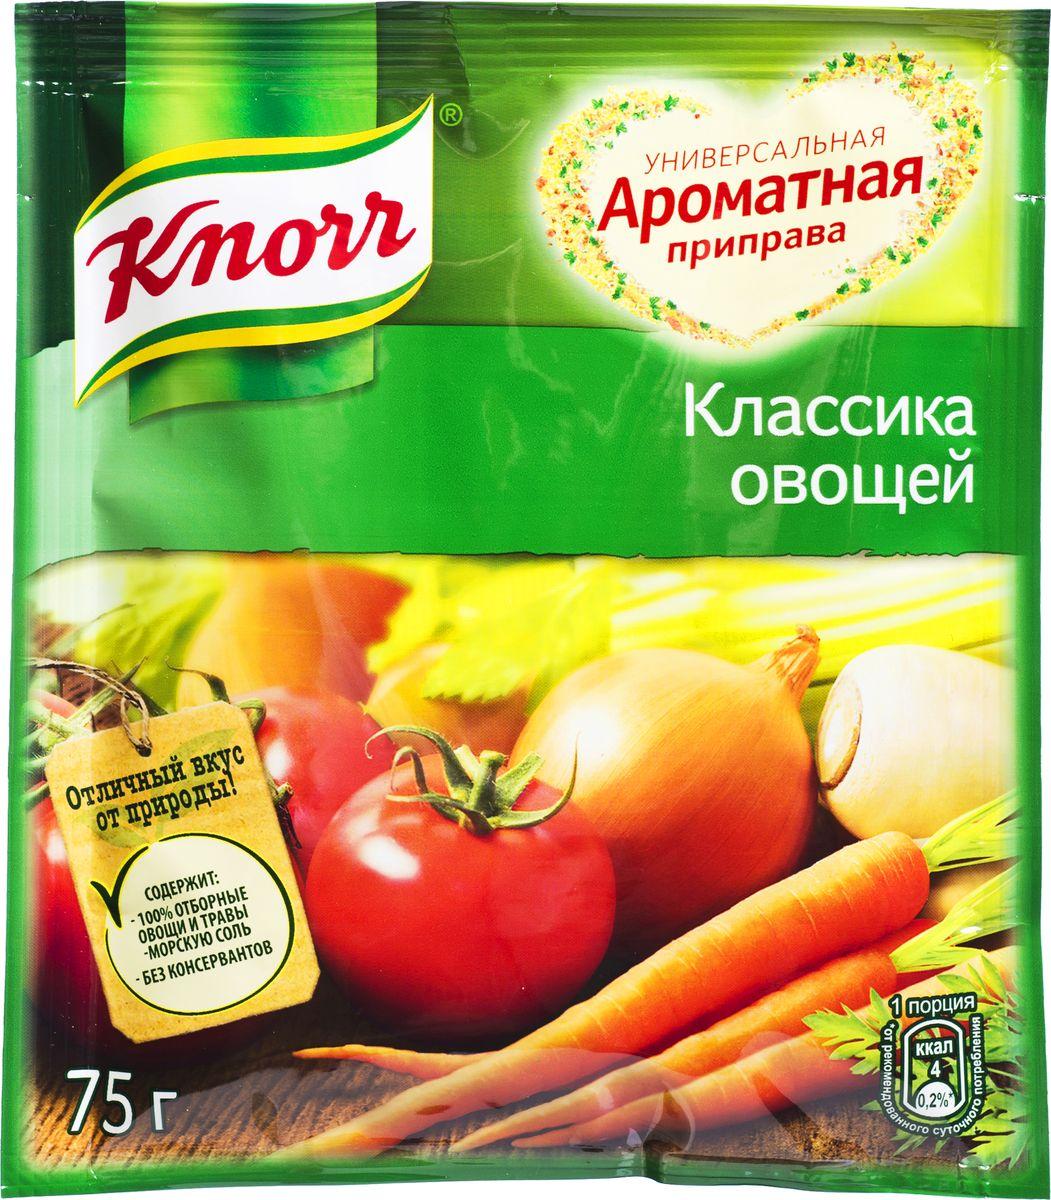 Knorr Универсальная ароматная приправа Классика овощей, 75 г20243852Универсальная приправа Knorr Классика овощей - это сухая смесь, которая поможет быстро и вкусно приготовить сытное блюдо. В состав смеси входят натуральные сушеные овощи, травы и специи, специально подобранные в определенном соотношении, чтобы наиболее ярко оттенить вкус блюда. Достаточно добавить одну порцию приправы во время приготовления второго блюда или супа, и смесь придаст вашей пище аппетитный аромат. Удобная герметичная упаковка не пропускает посторонних запахов и великолепно сохраняет все свойства смеси. Уважаемые клиенты! Обращаем ваше внимание, что полный перечень состава продукта представлен на дополнительном изображении.